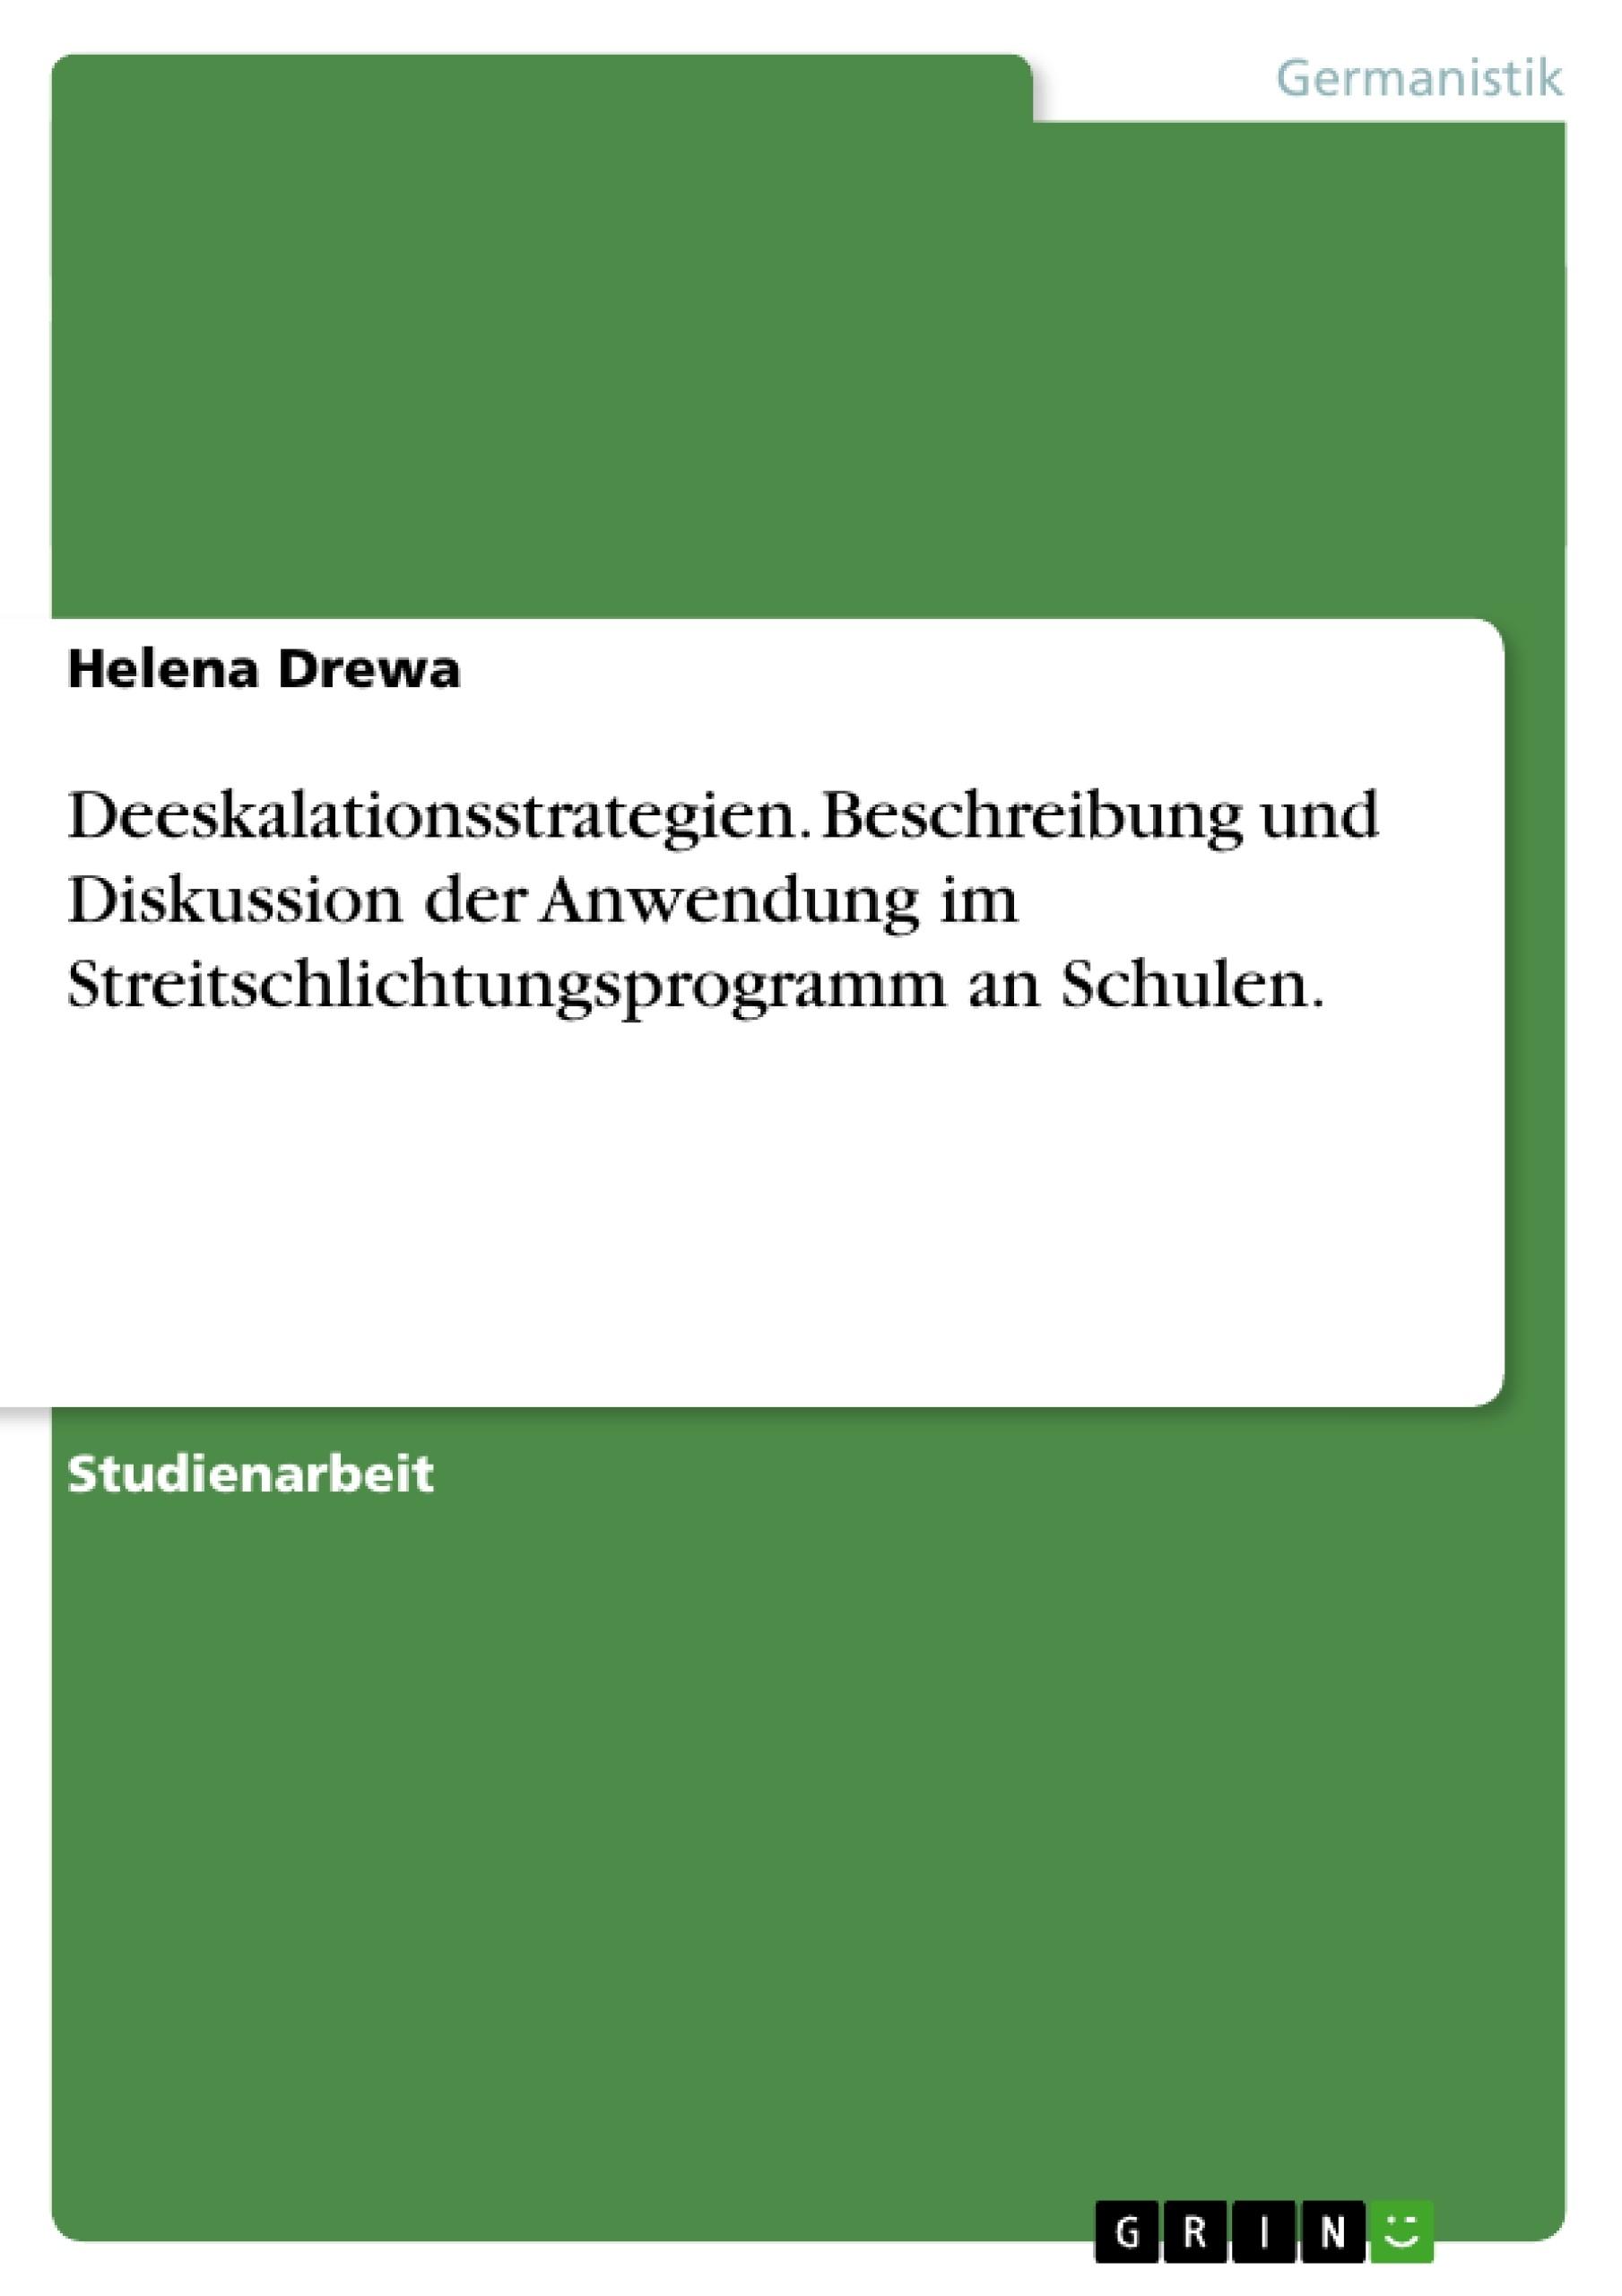 Titel: Deeskalationsstrategien. Beschreibung und Diskussion der Anwendung im Streitschlichtungsprogramm an Schulen.